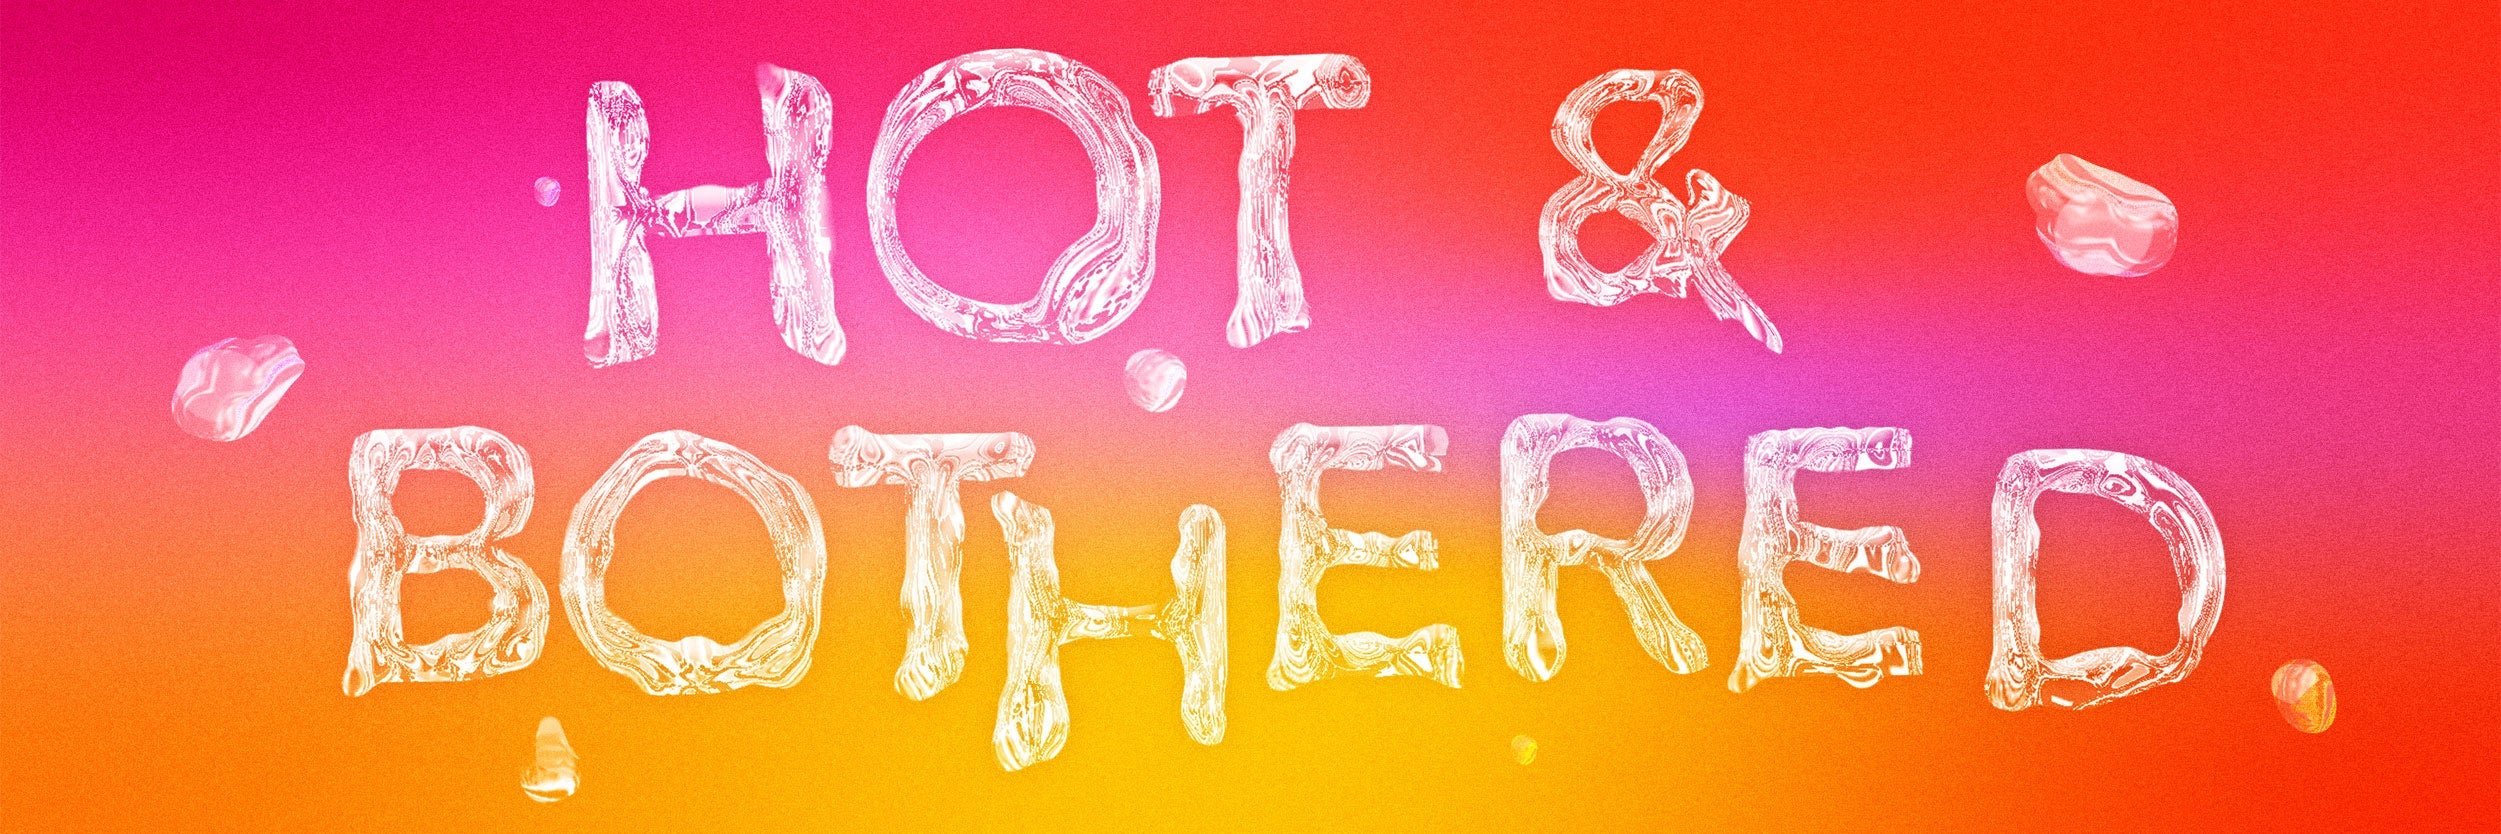 Hot & Bothered logo